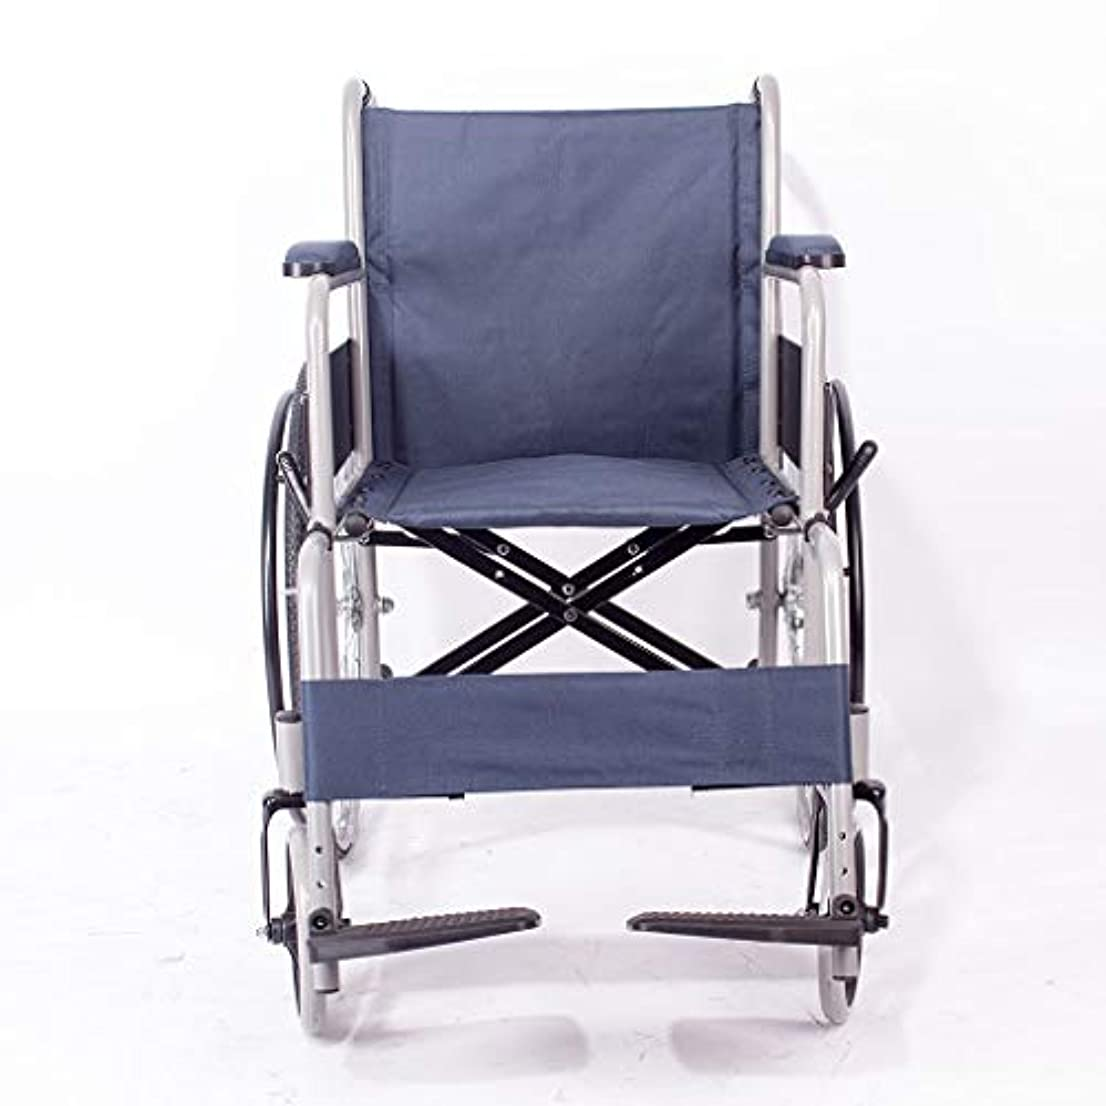 ライフル兵器庫破壊的な車椅子折りたたみ式、超軽量旅行ポータブル古いカート、ブレーキ付き自走式車椅子